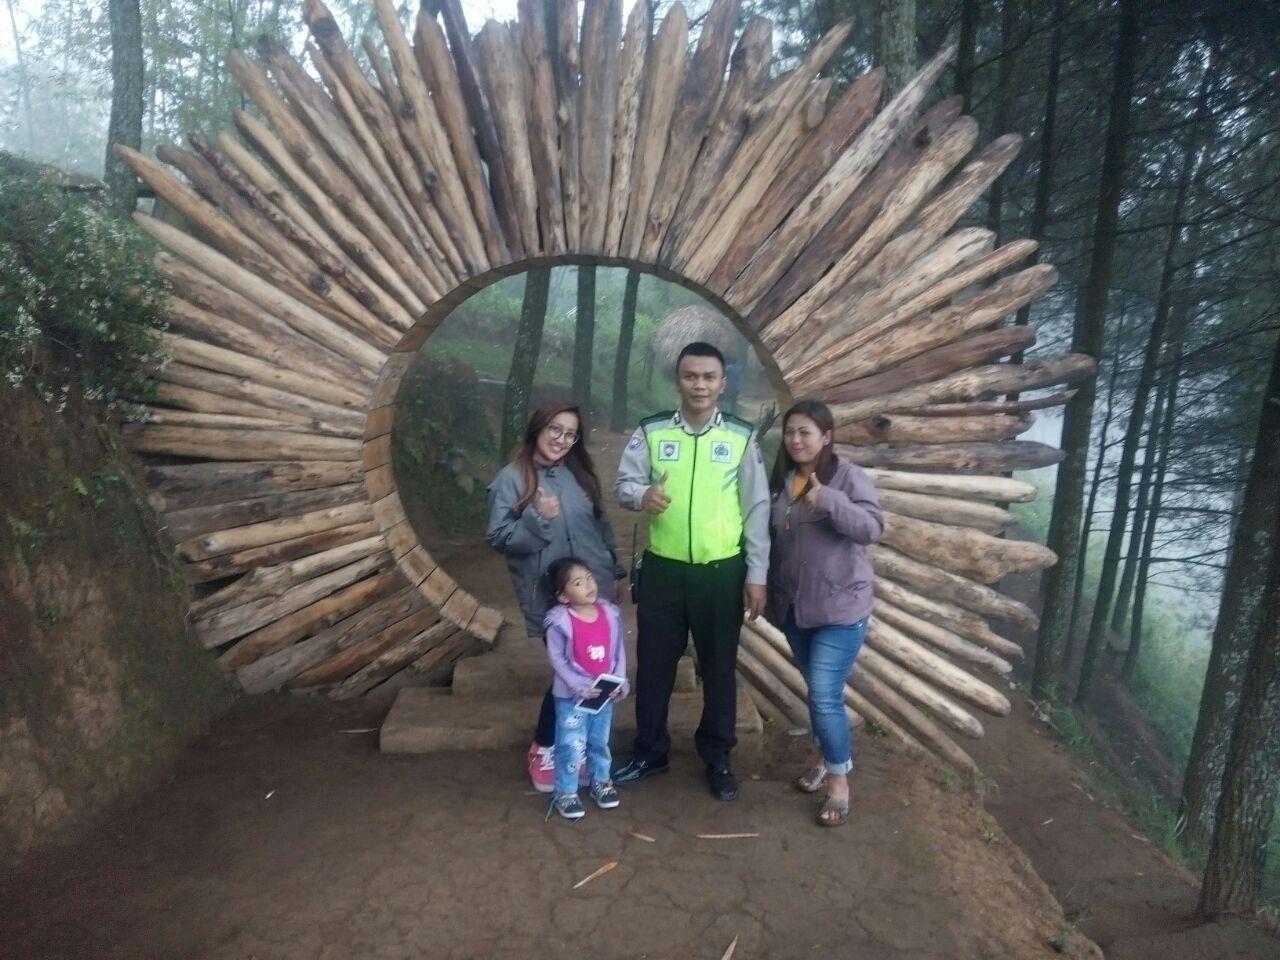 DDS Bhabin Polsek Bumiaji Polres Batu Berkunjung Ke tempat Wisata Gua Pinus